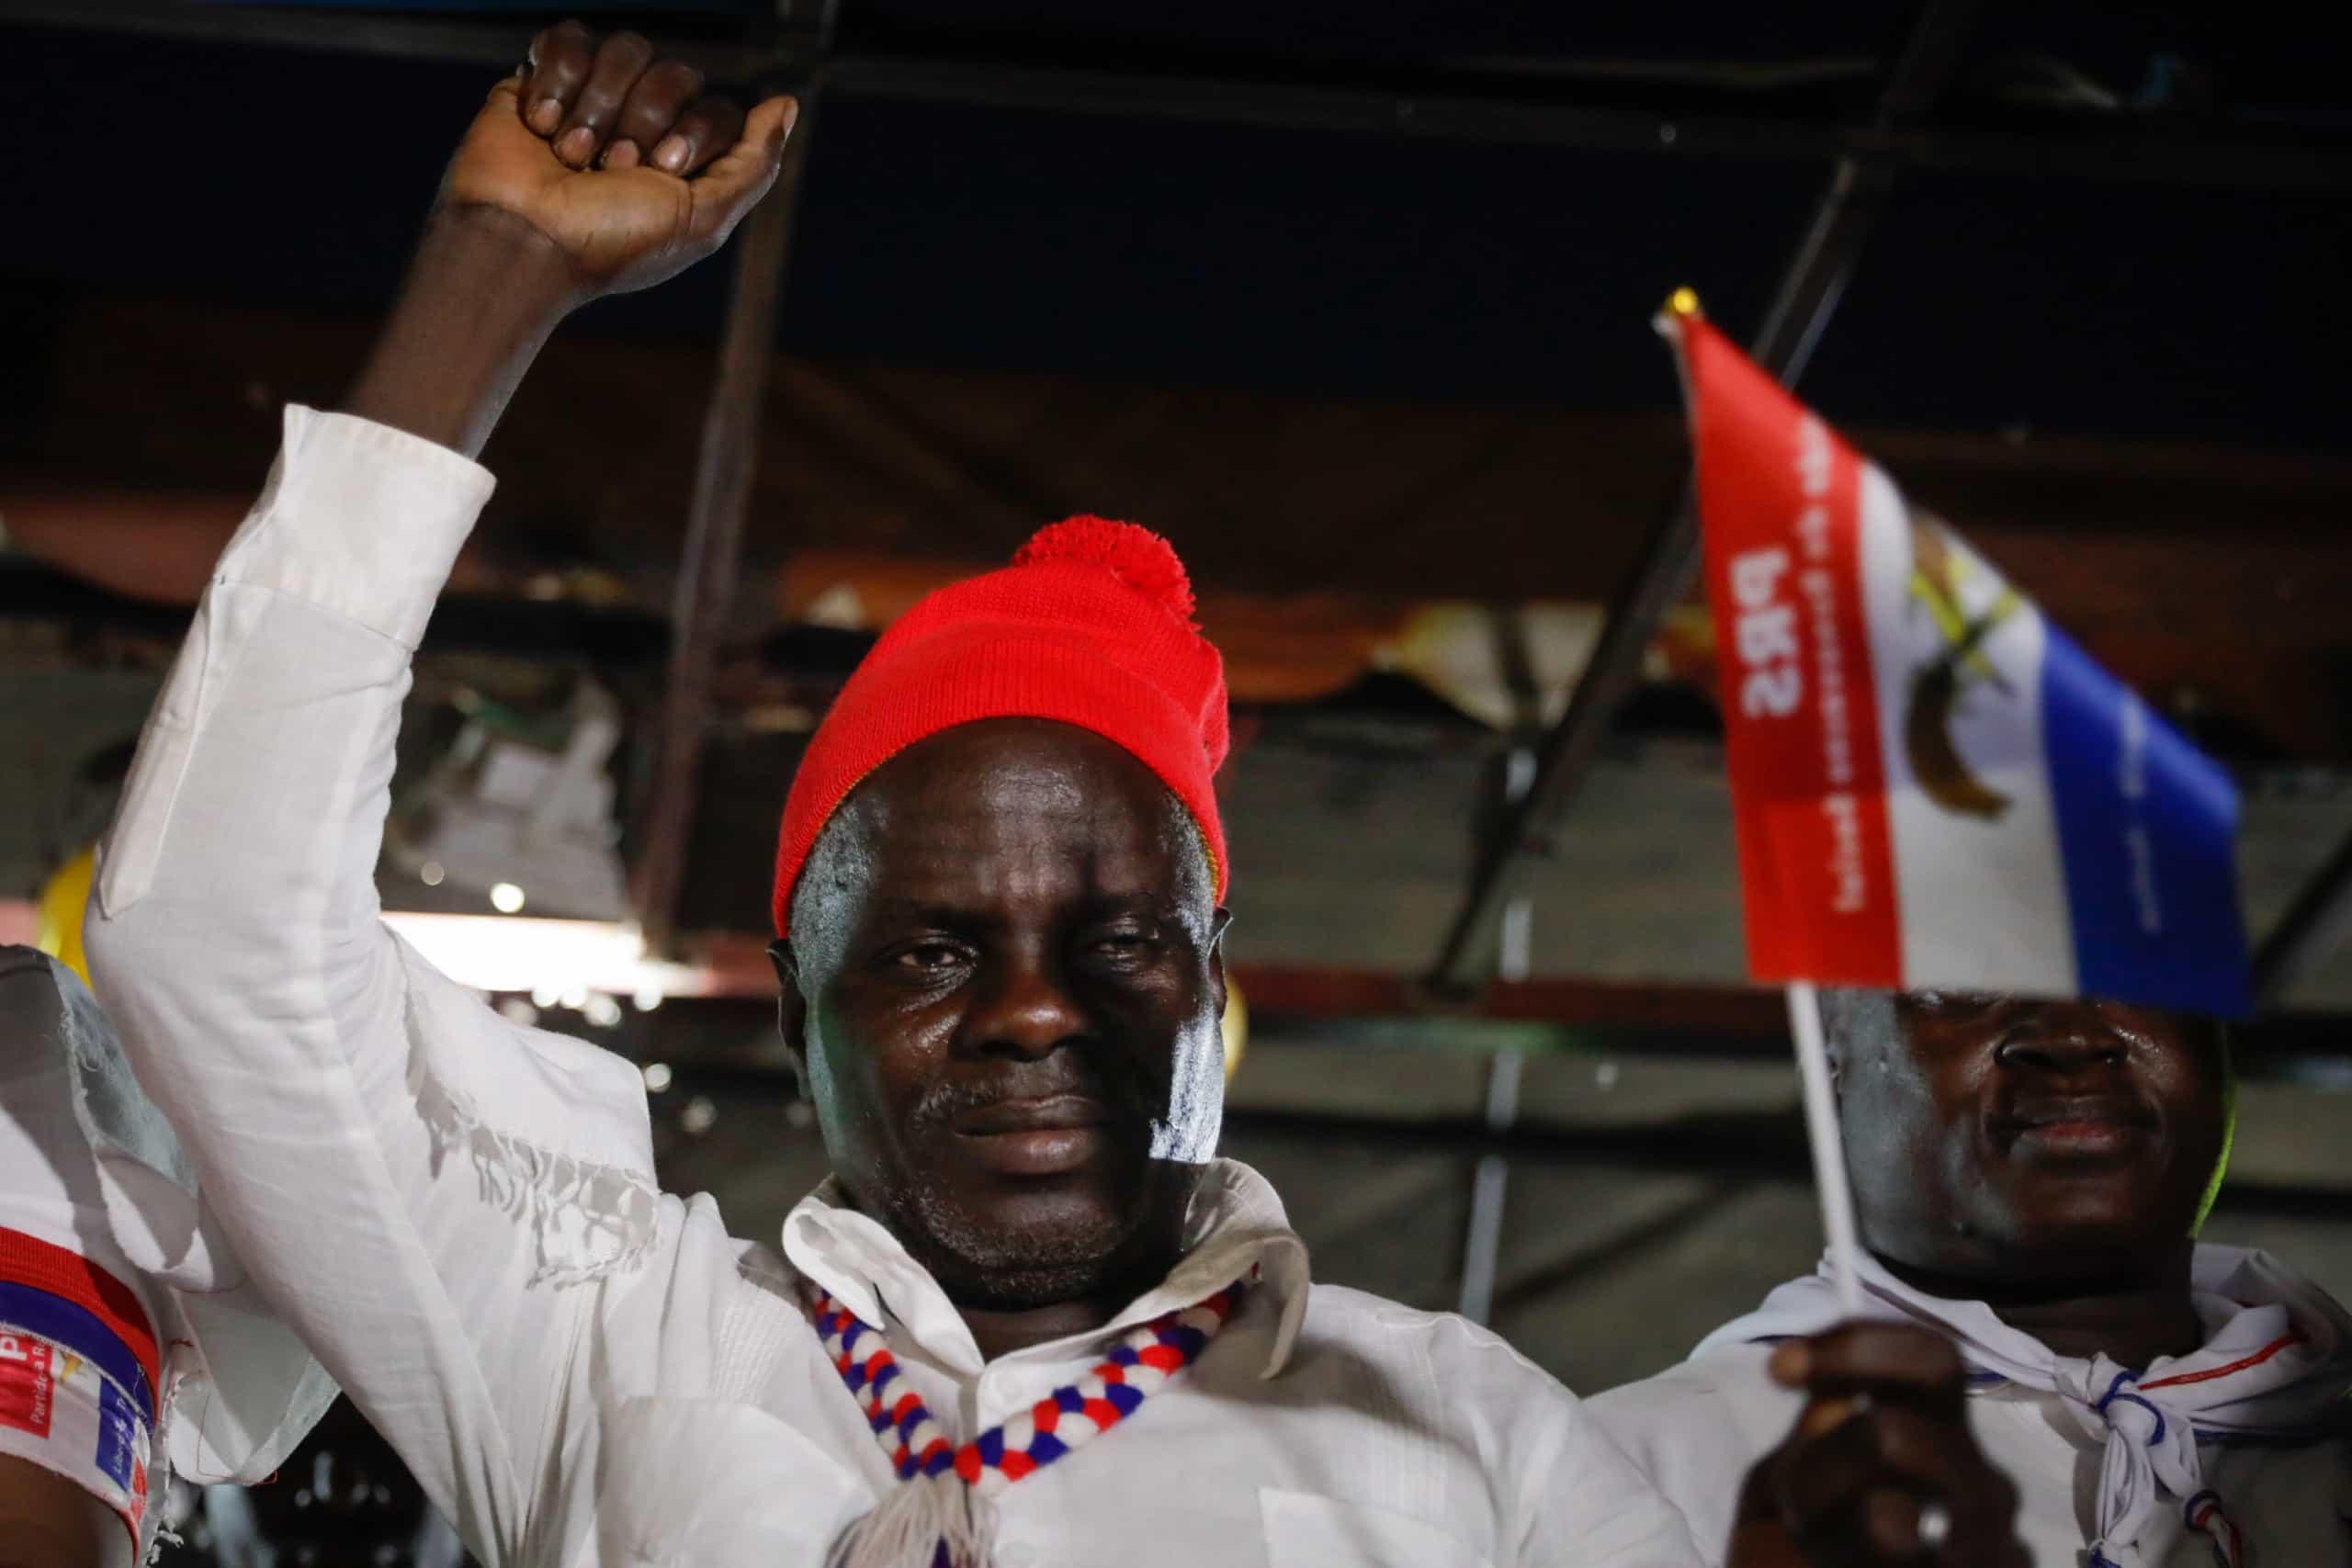 Guiné-Bissau: PRS aceita resultados mas aponta irregularidades